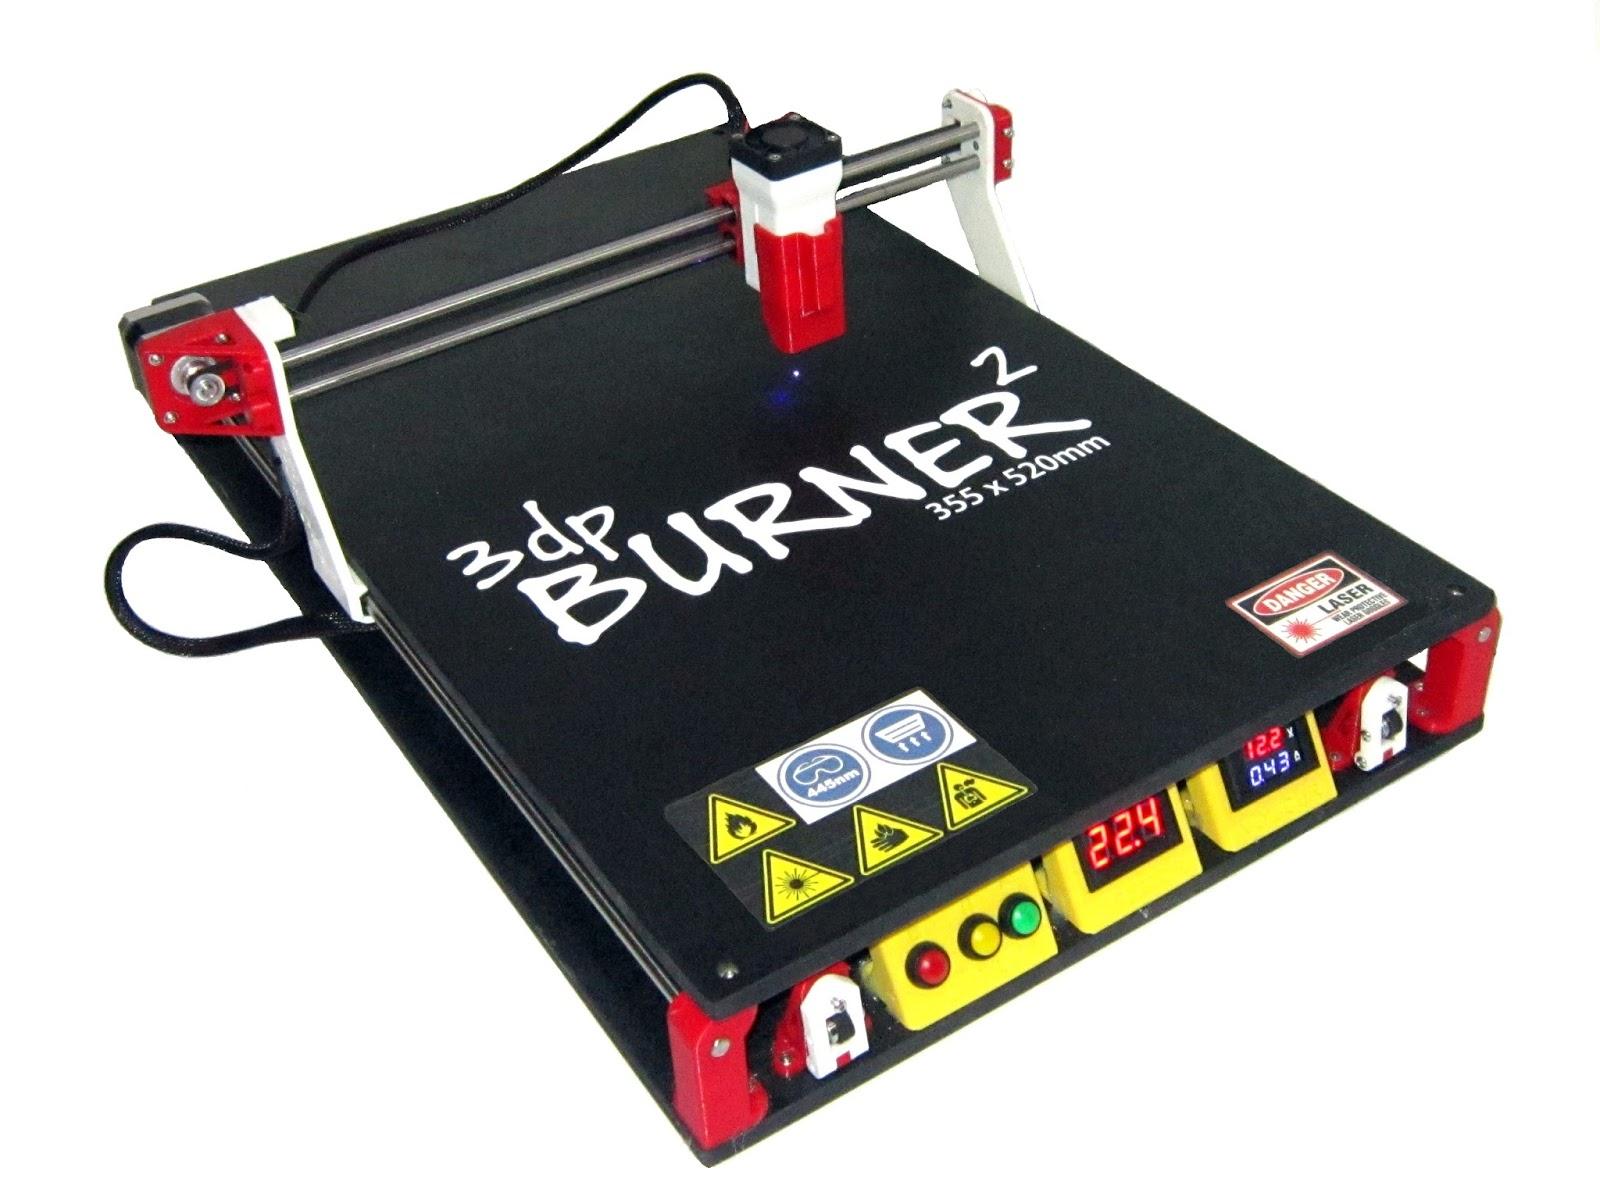 Cnc Infomation System Laser Cutter Driver Industrial Diode Module Leveling Bar Code Reader 3dpburner Open Source And Engraver